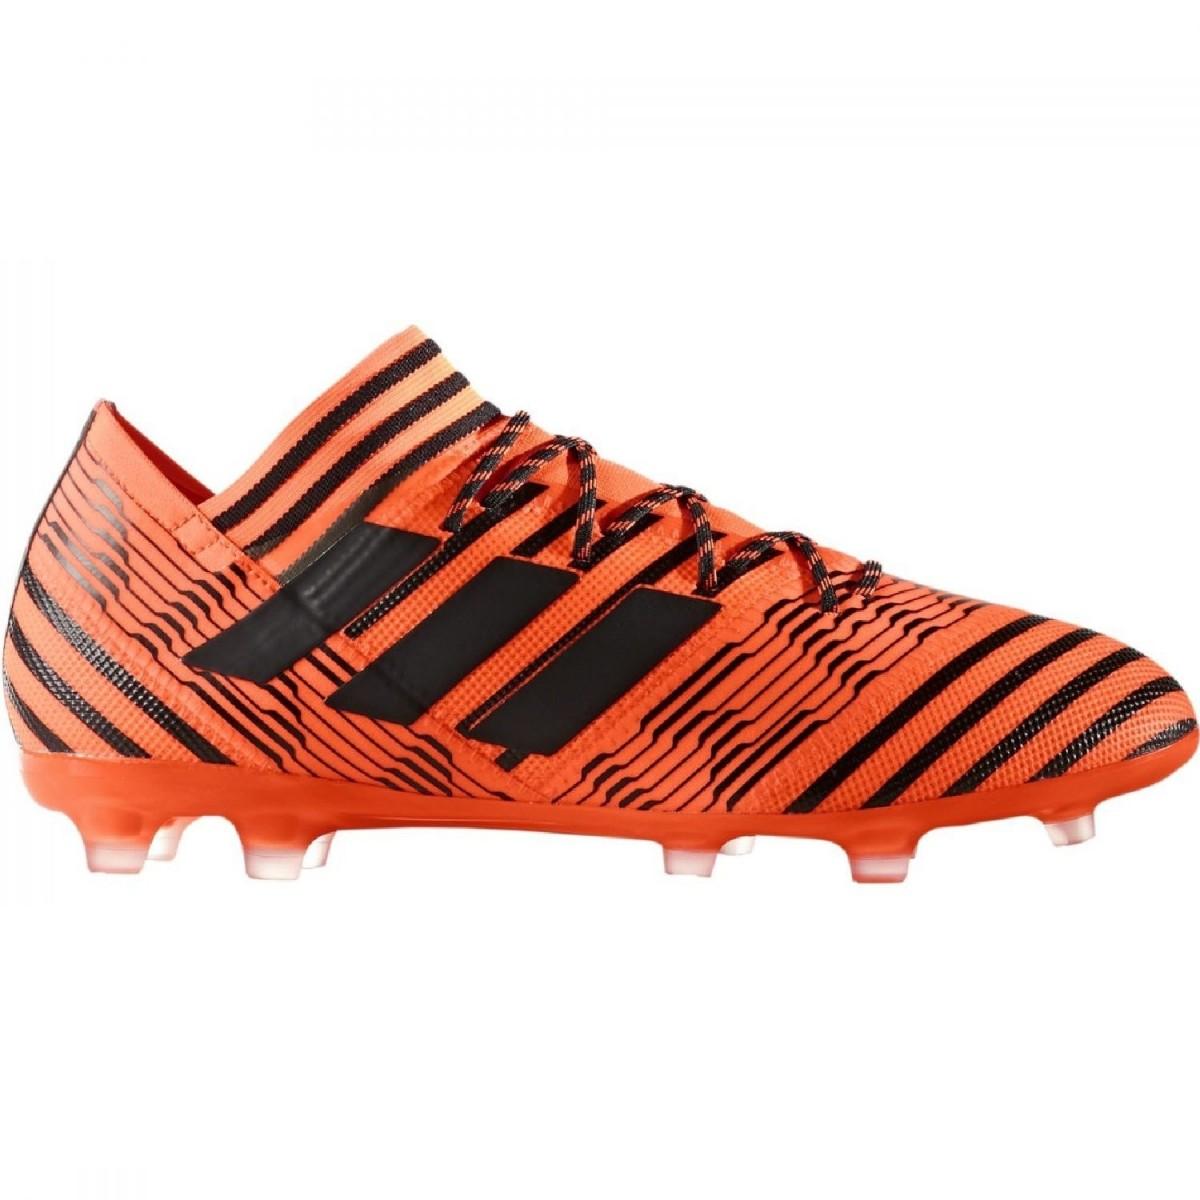 adidas Nemeziz 17.2 FG Herren Fußballschuhe Nocken orange schwarz